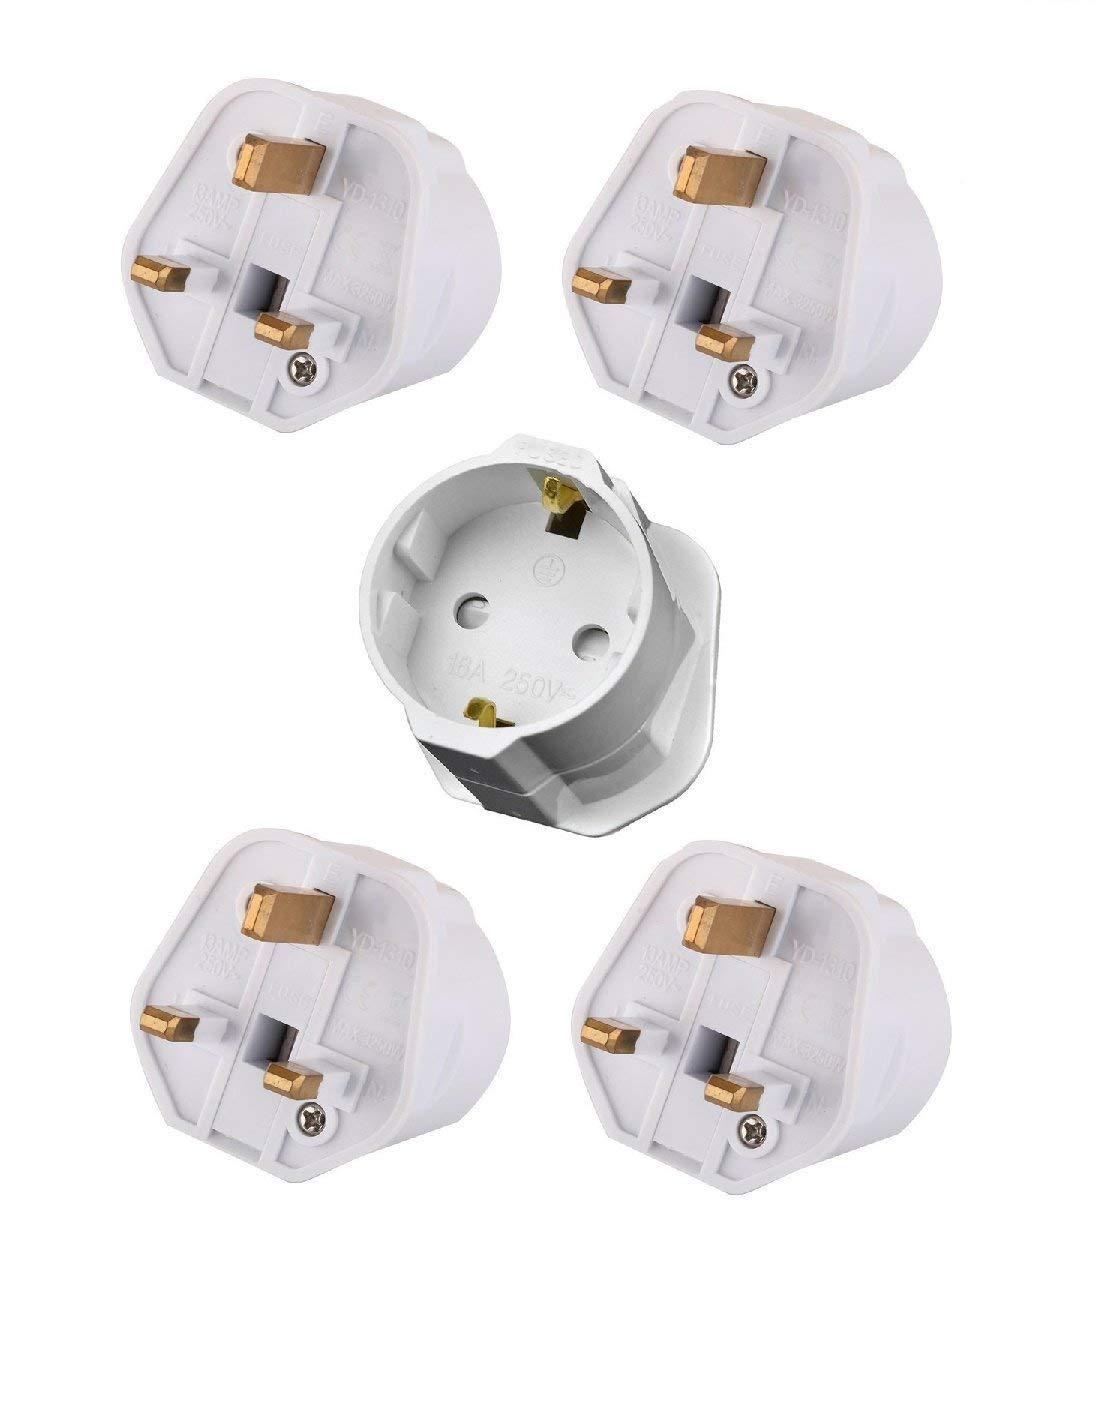 Tech Traders Ttschuko europea Euro UE Schuko 2UK 3pin Plug caricabatteria da viaggio adattatore di rete (confezione da 5), bianco, set di 5pezzi MEERO Ltd